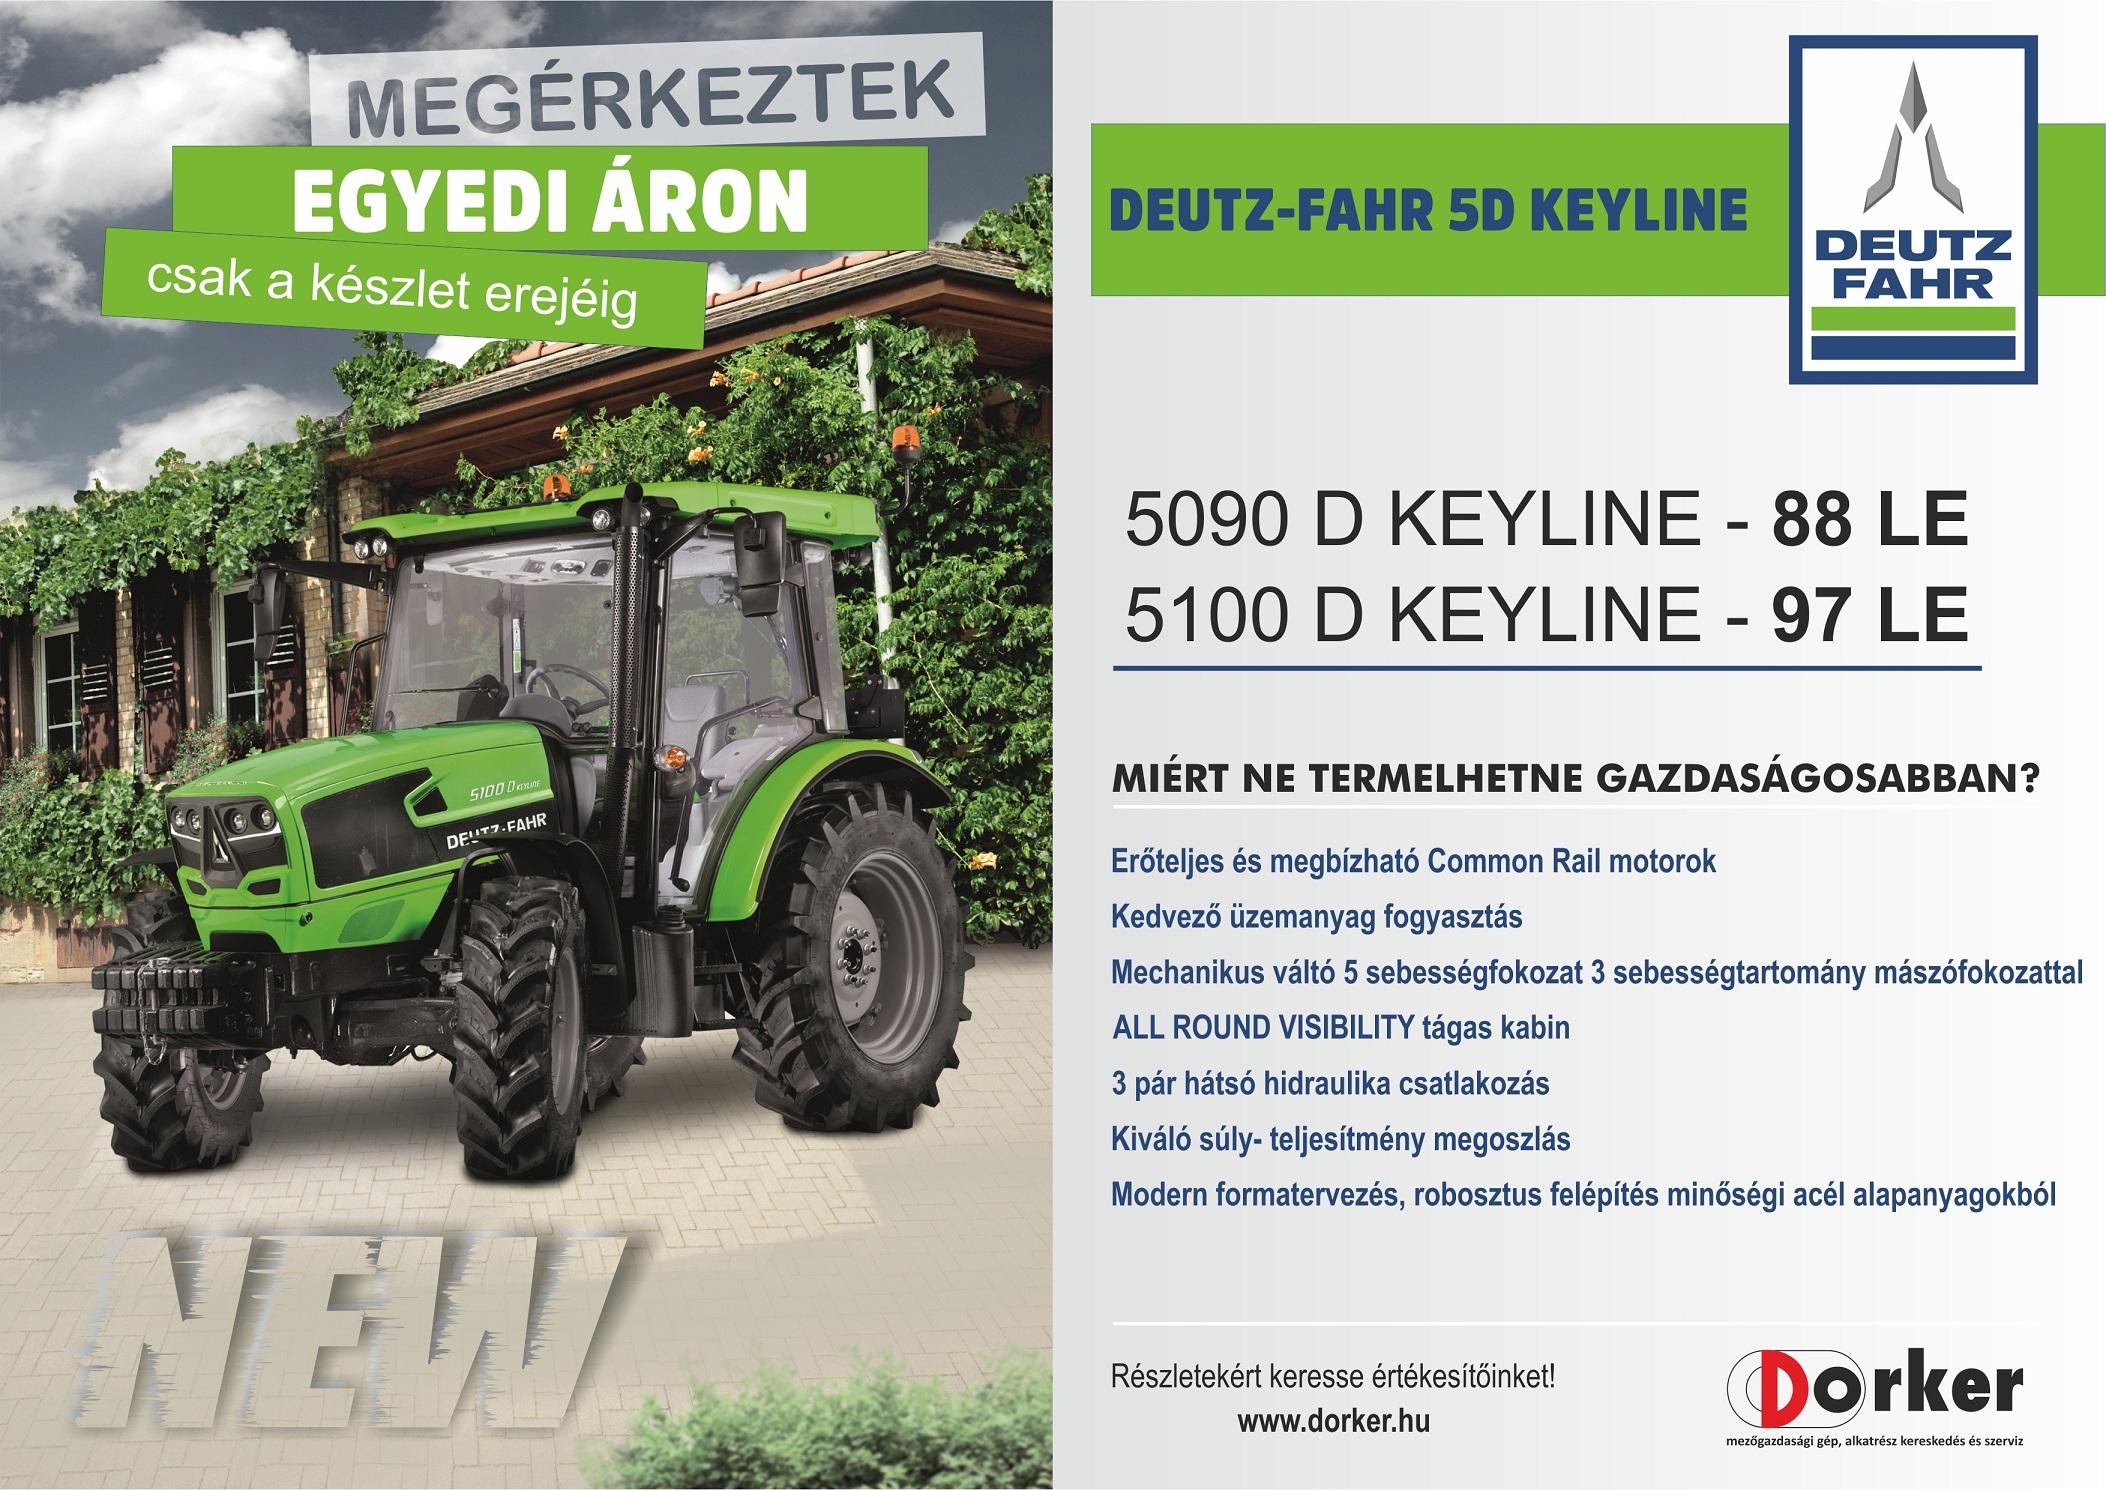 DF 5 D keyline 5100 megérkezett ár nélkül.jpg